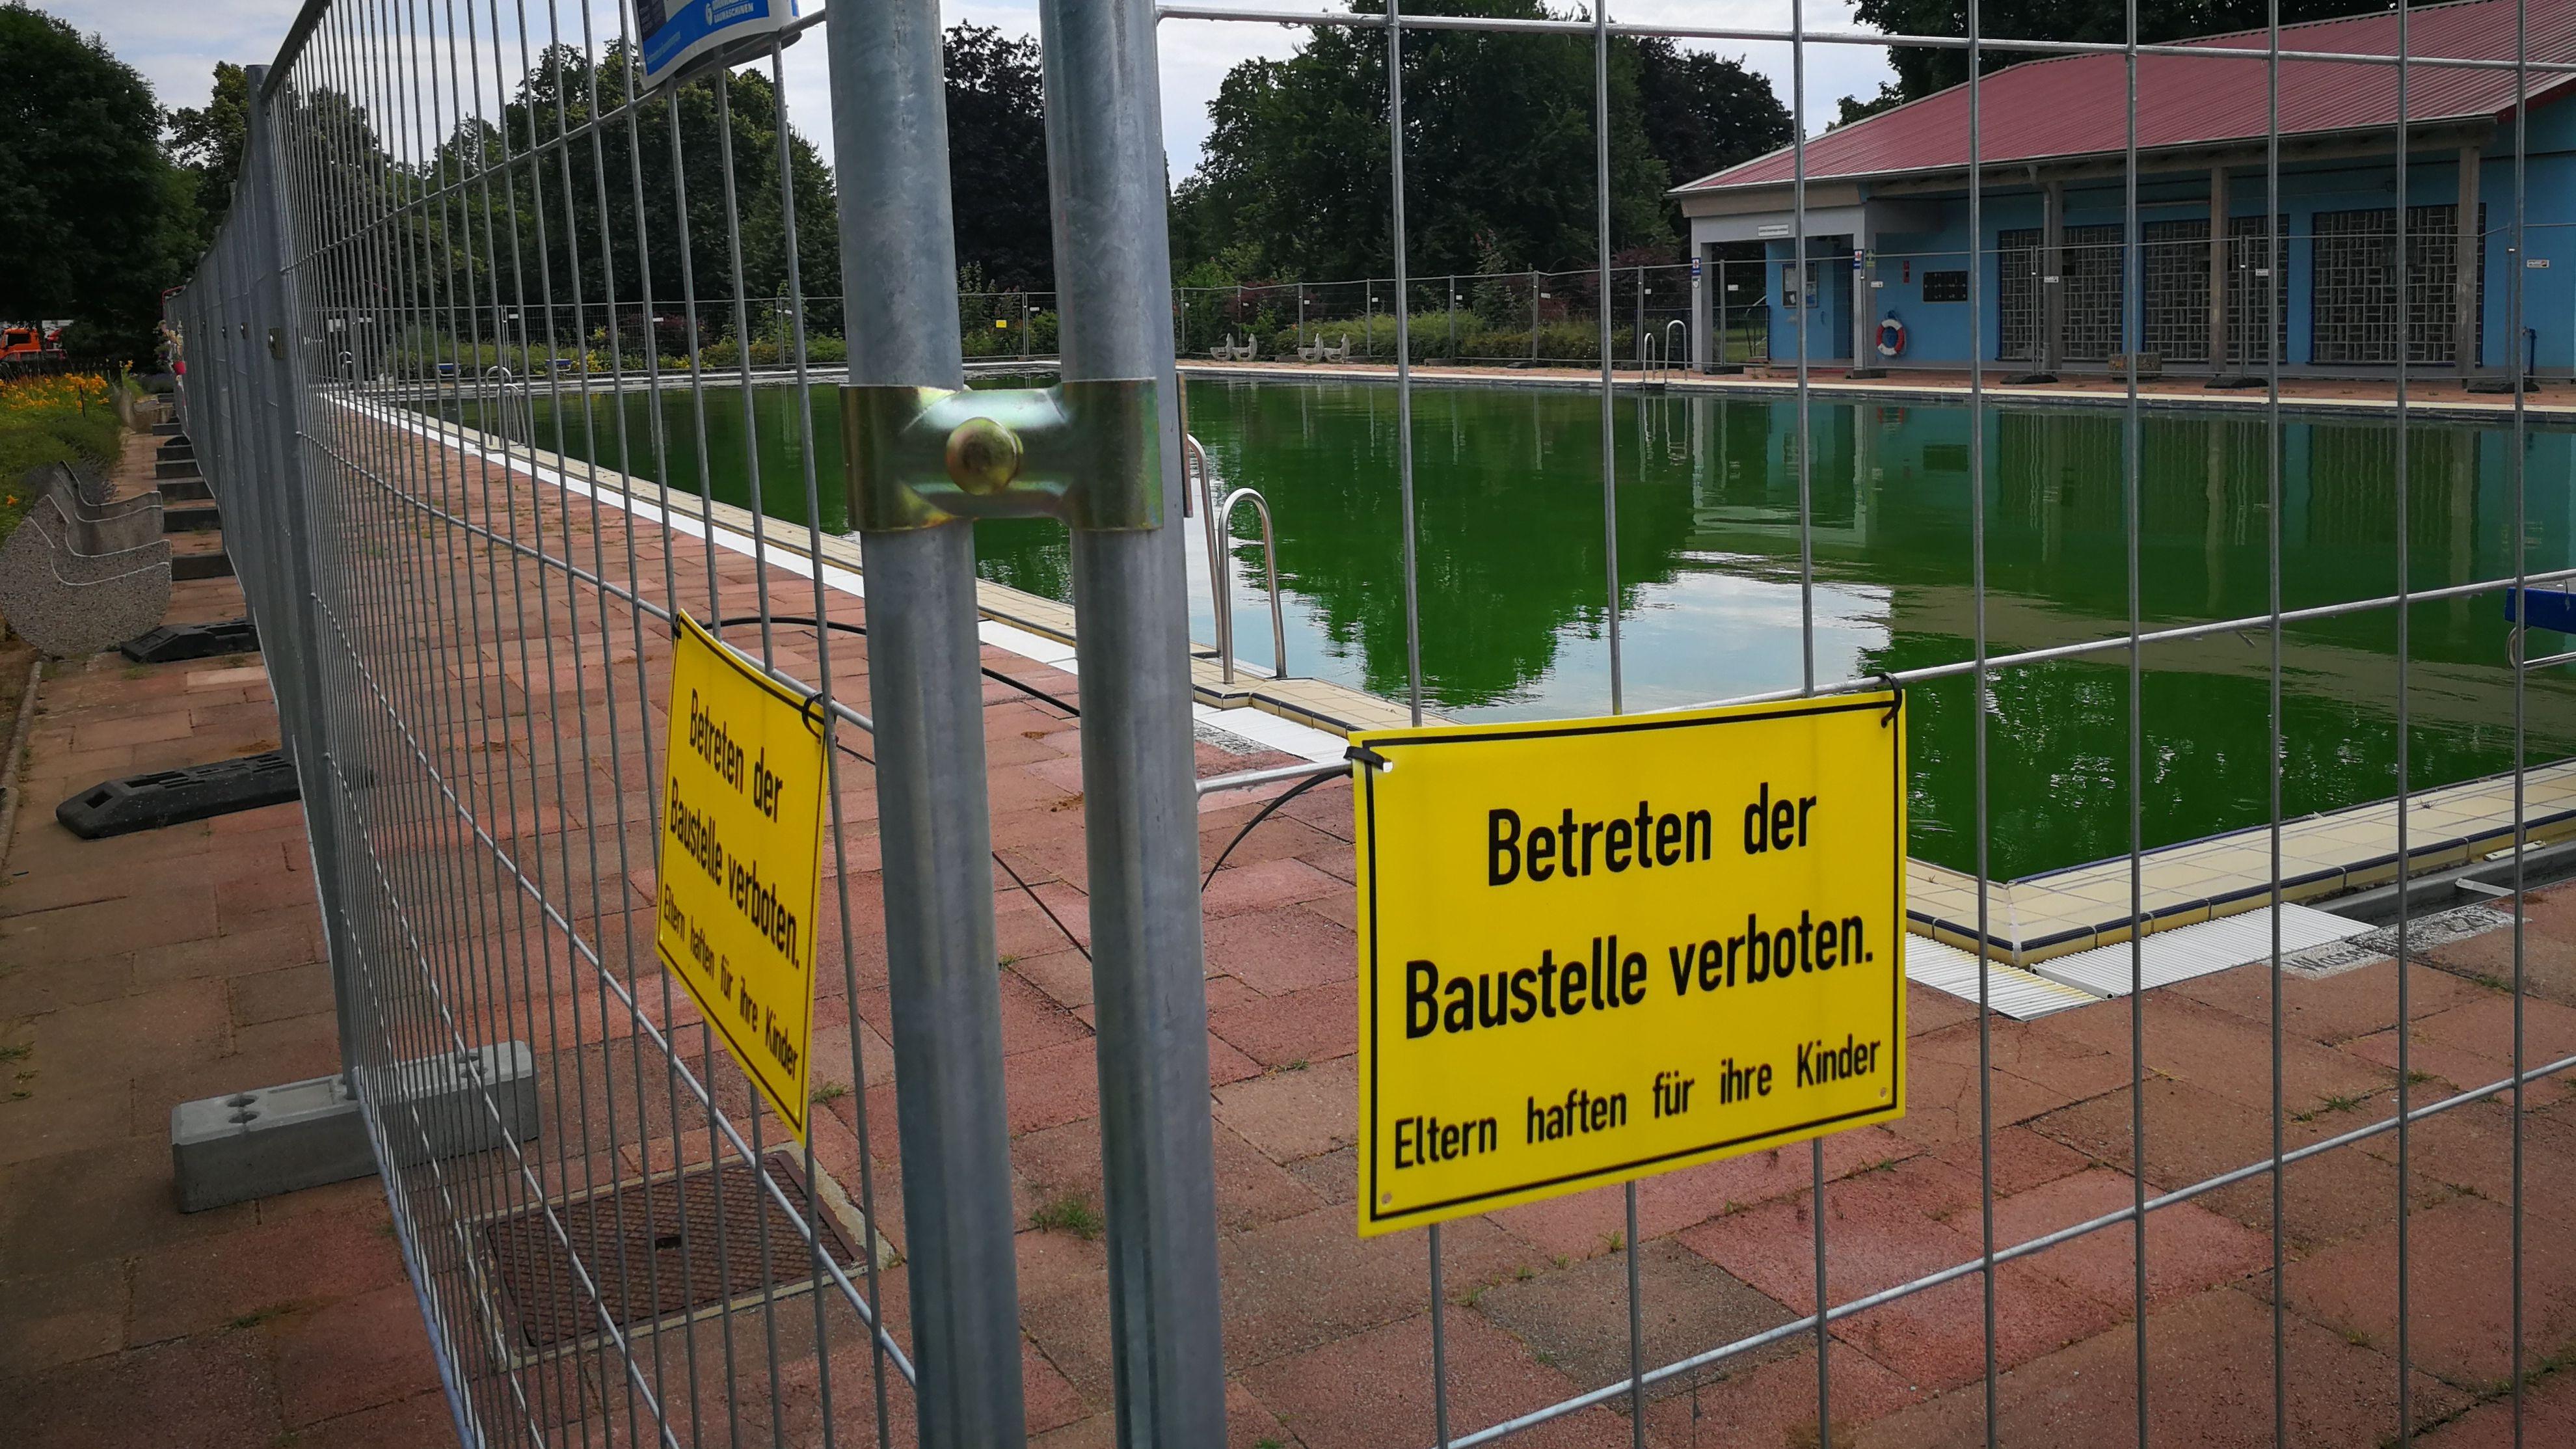 Volkacher Hallenbad im Notbetrieb - das gesperrte 50-Meter-Becken